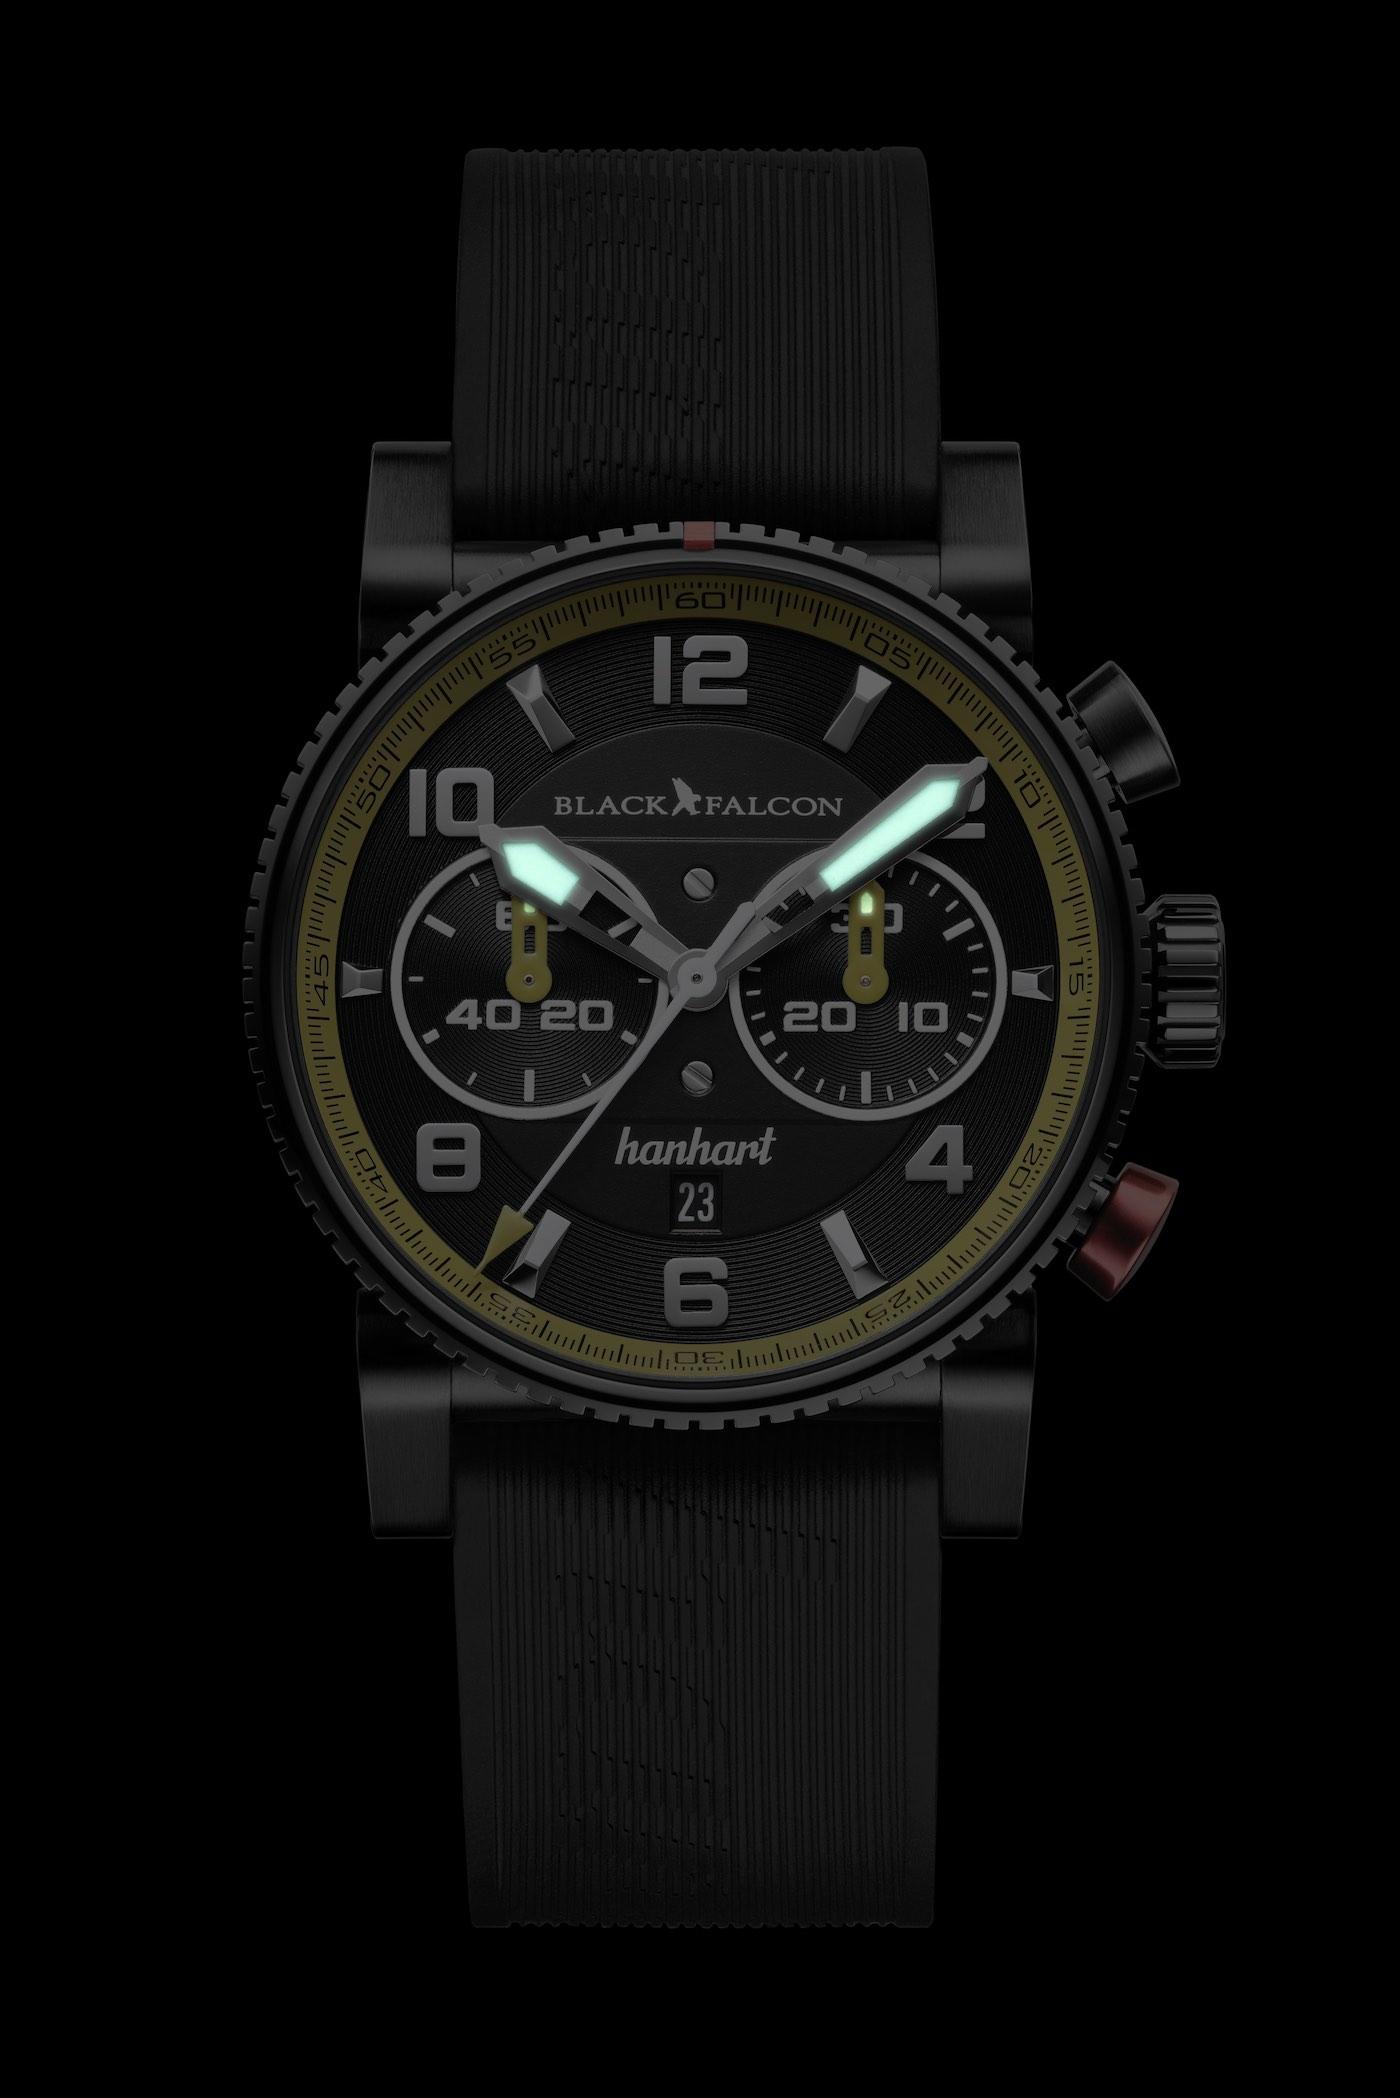 Hanhart Primus Black Falcon Limited Edition - 3